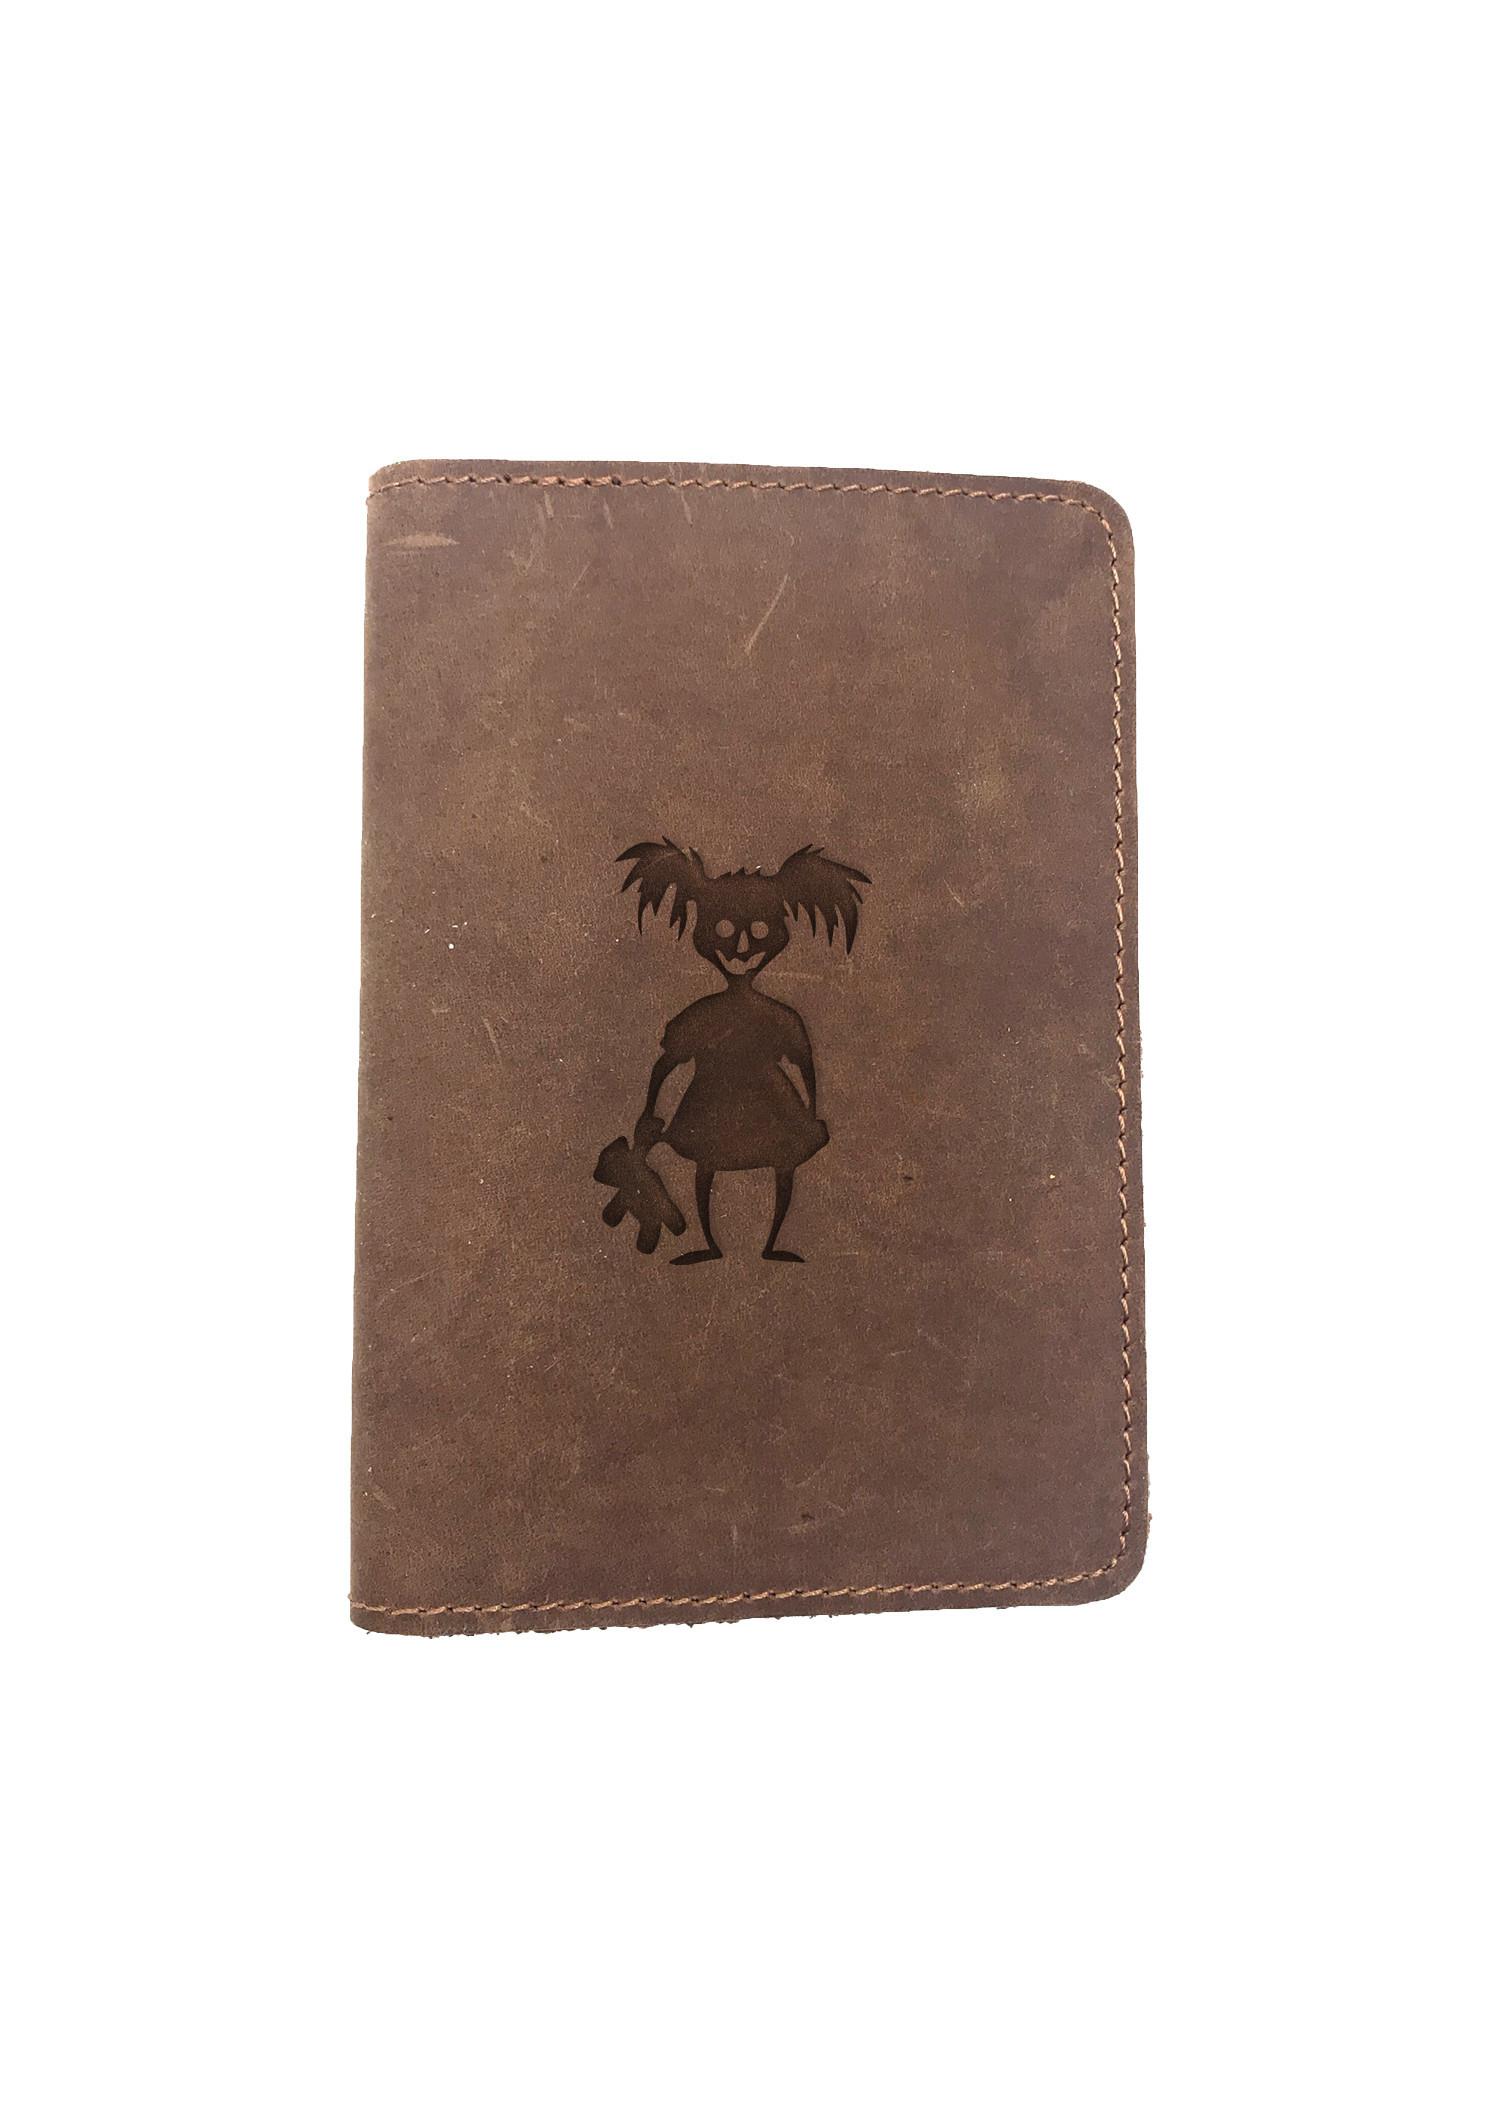 Passport Cover Bao Da Hộ Chiếu Da Sáp Khắc Hình Cô gái OMBIE GIRL (BROWN)